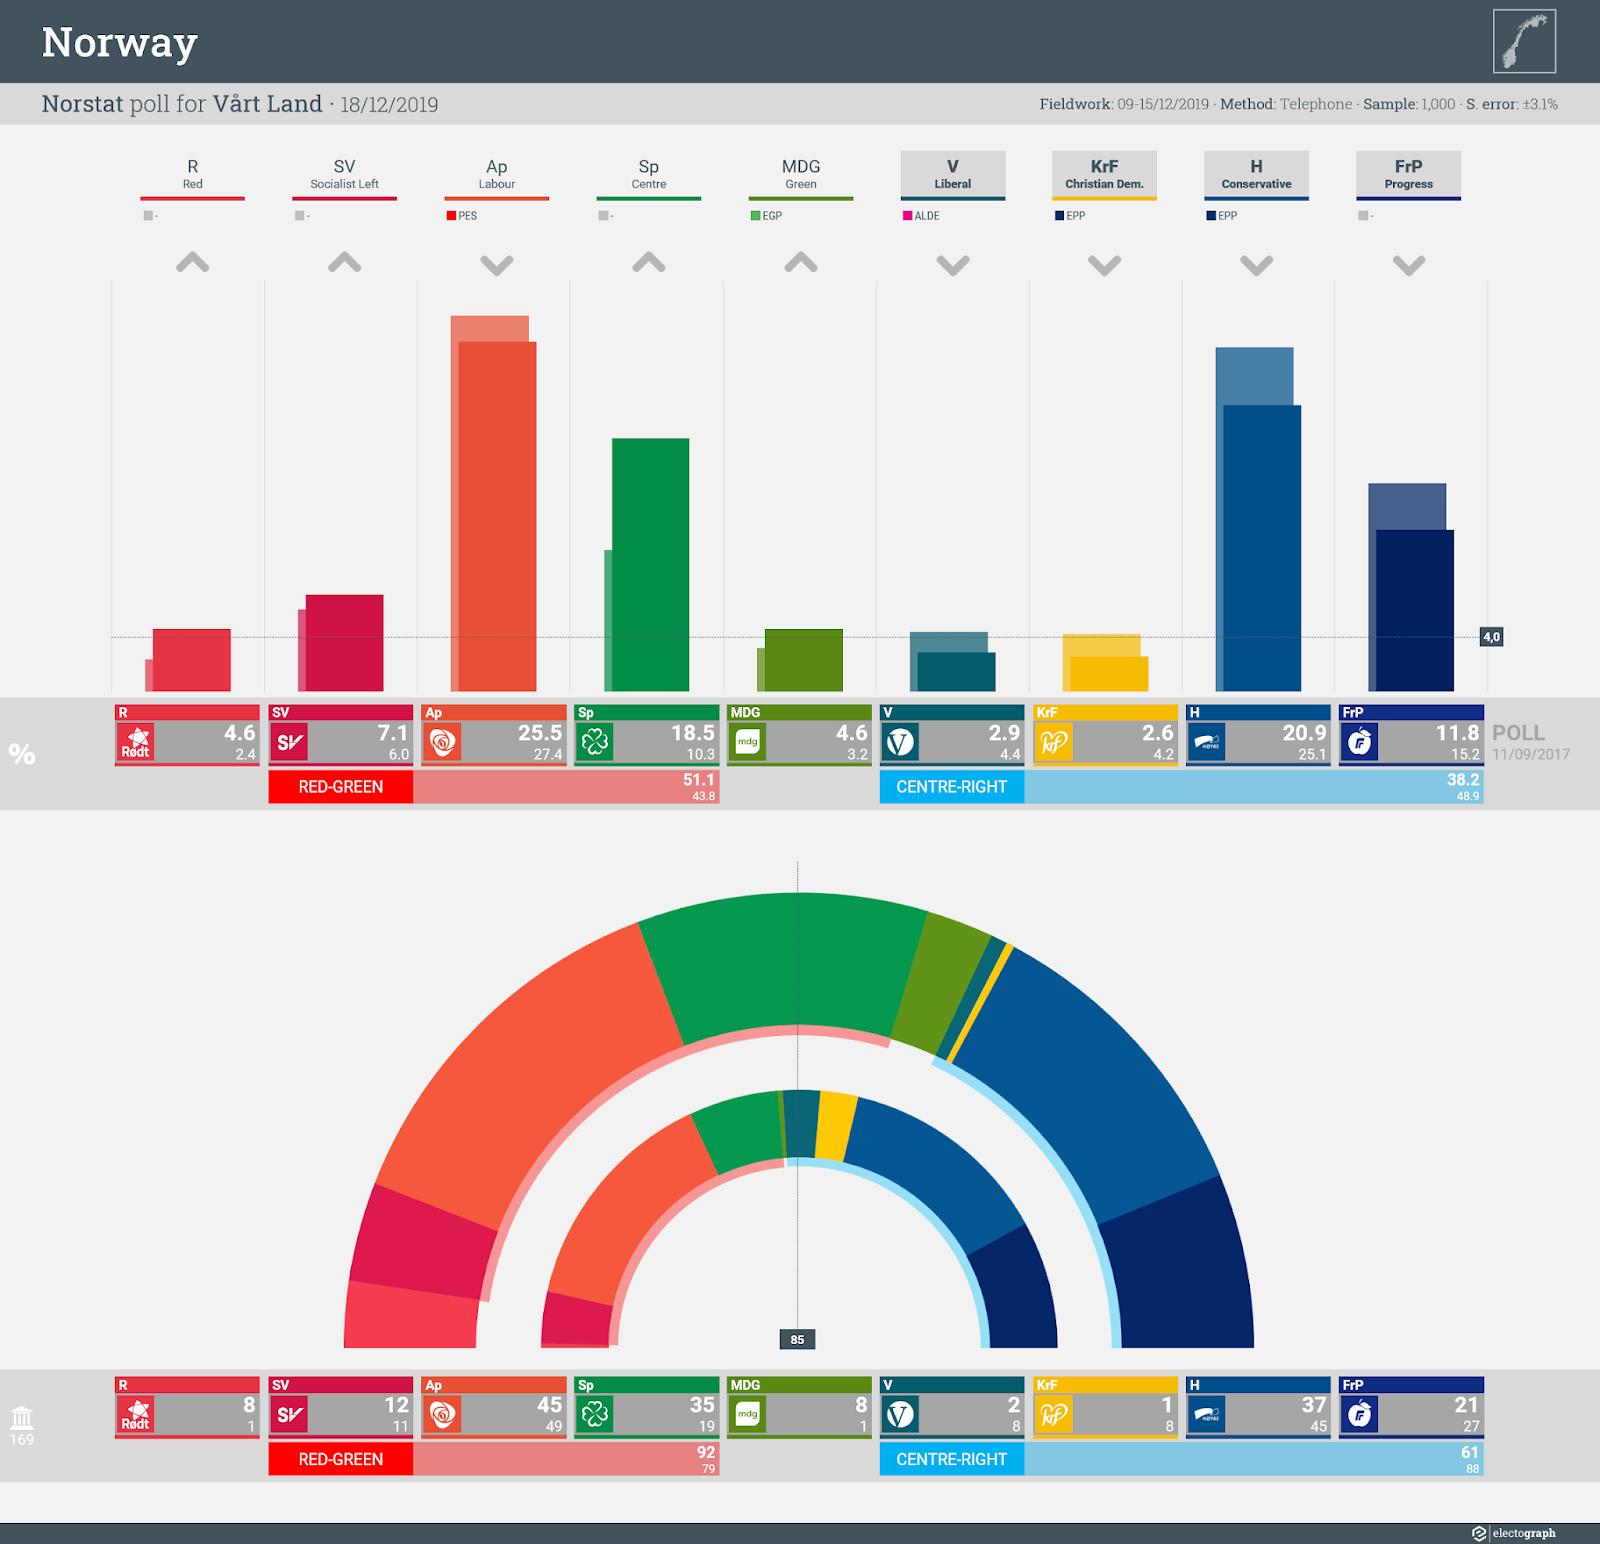 NORWAY: Norstat poll chart for Vårt Land, 18 December 2019